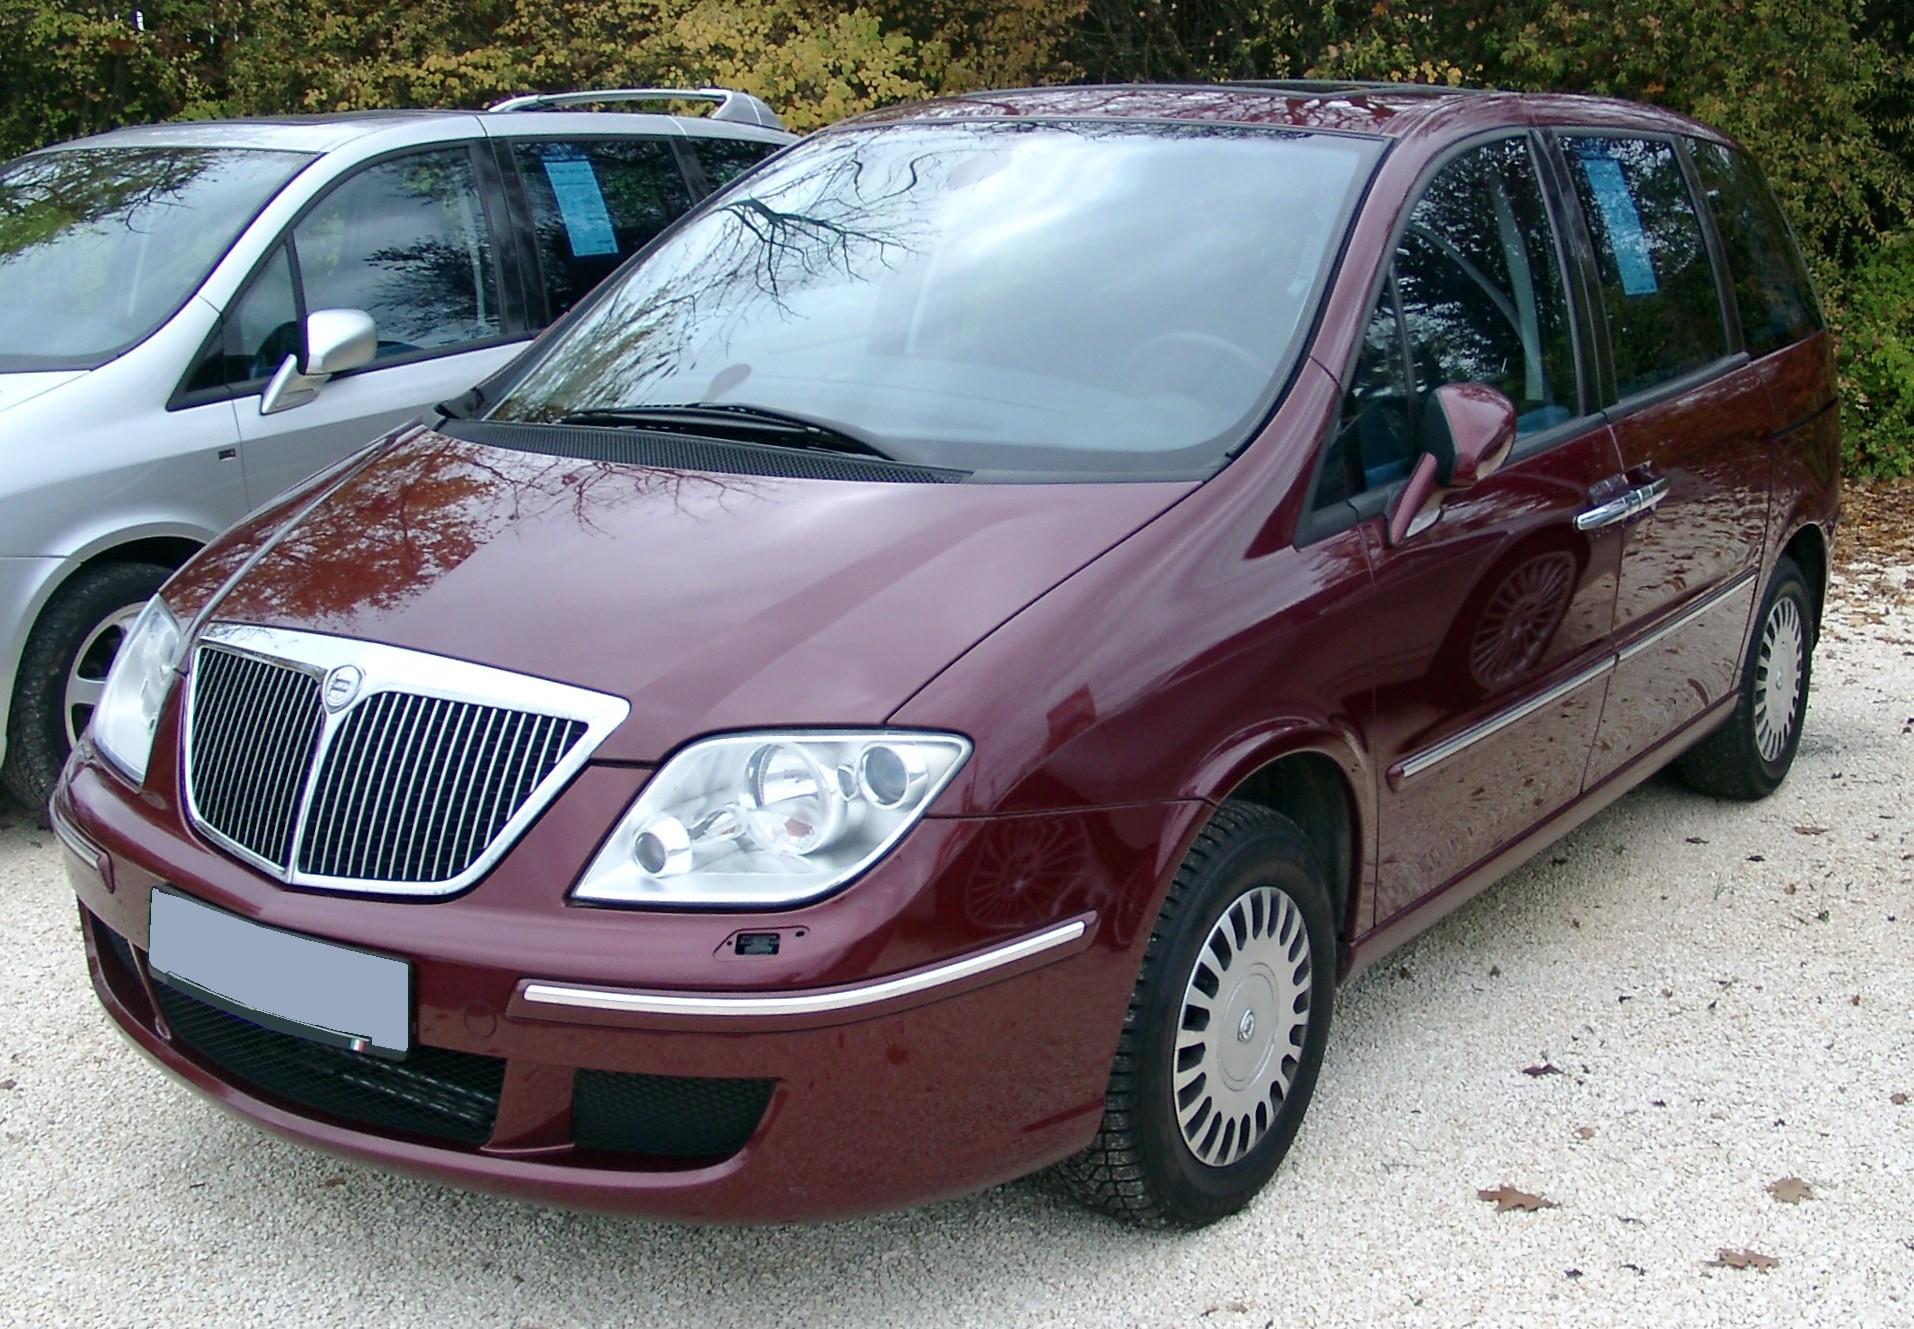 http://carsot.com/images/lancia-phedra-2002-2010-compact-mpv-interior-1.jpg